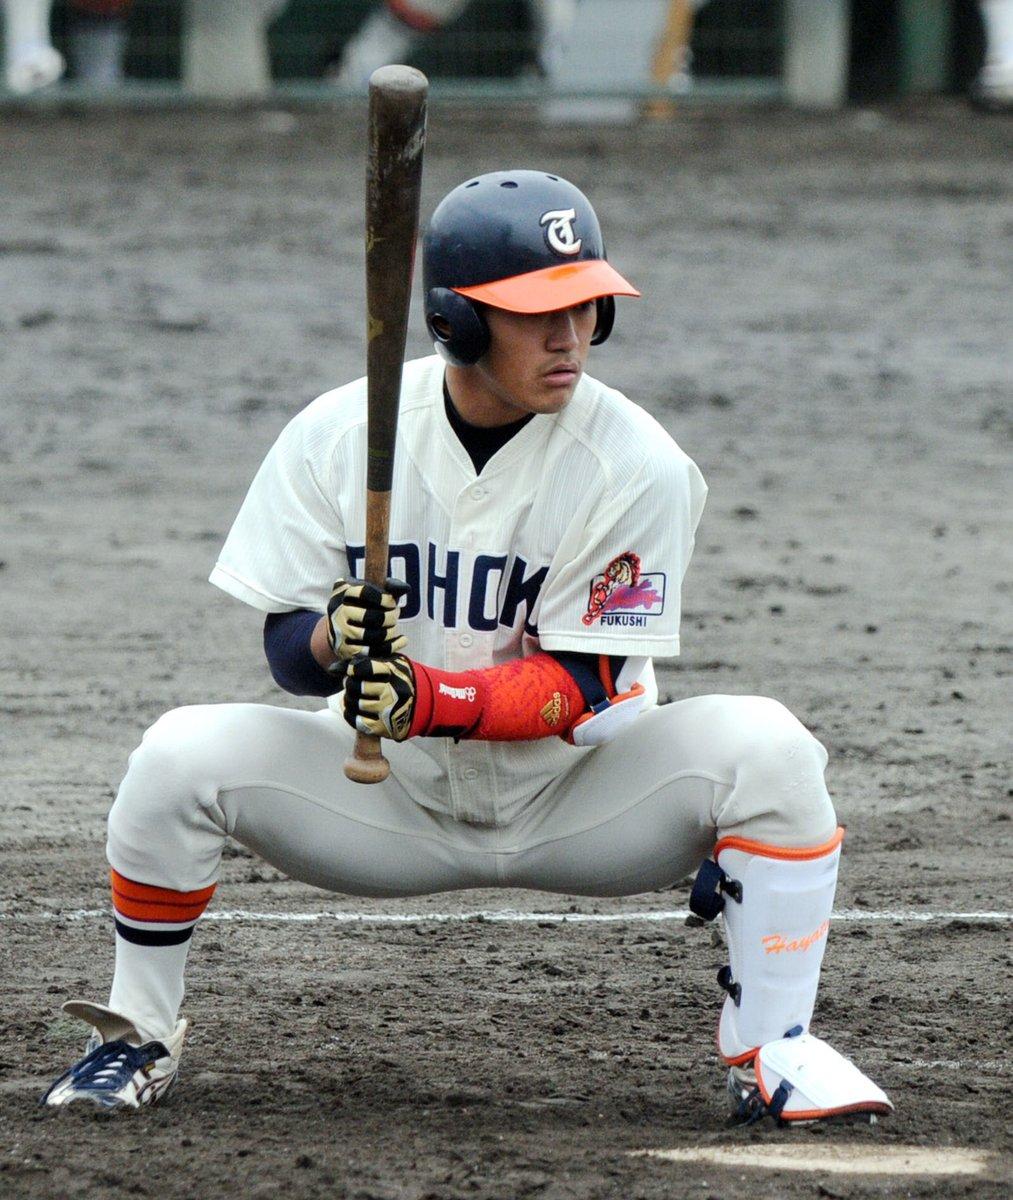 東北福祉大学出身のプロ野球選手一覧